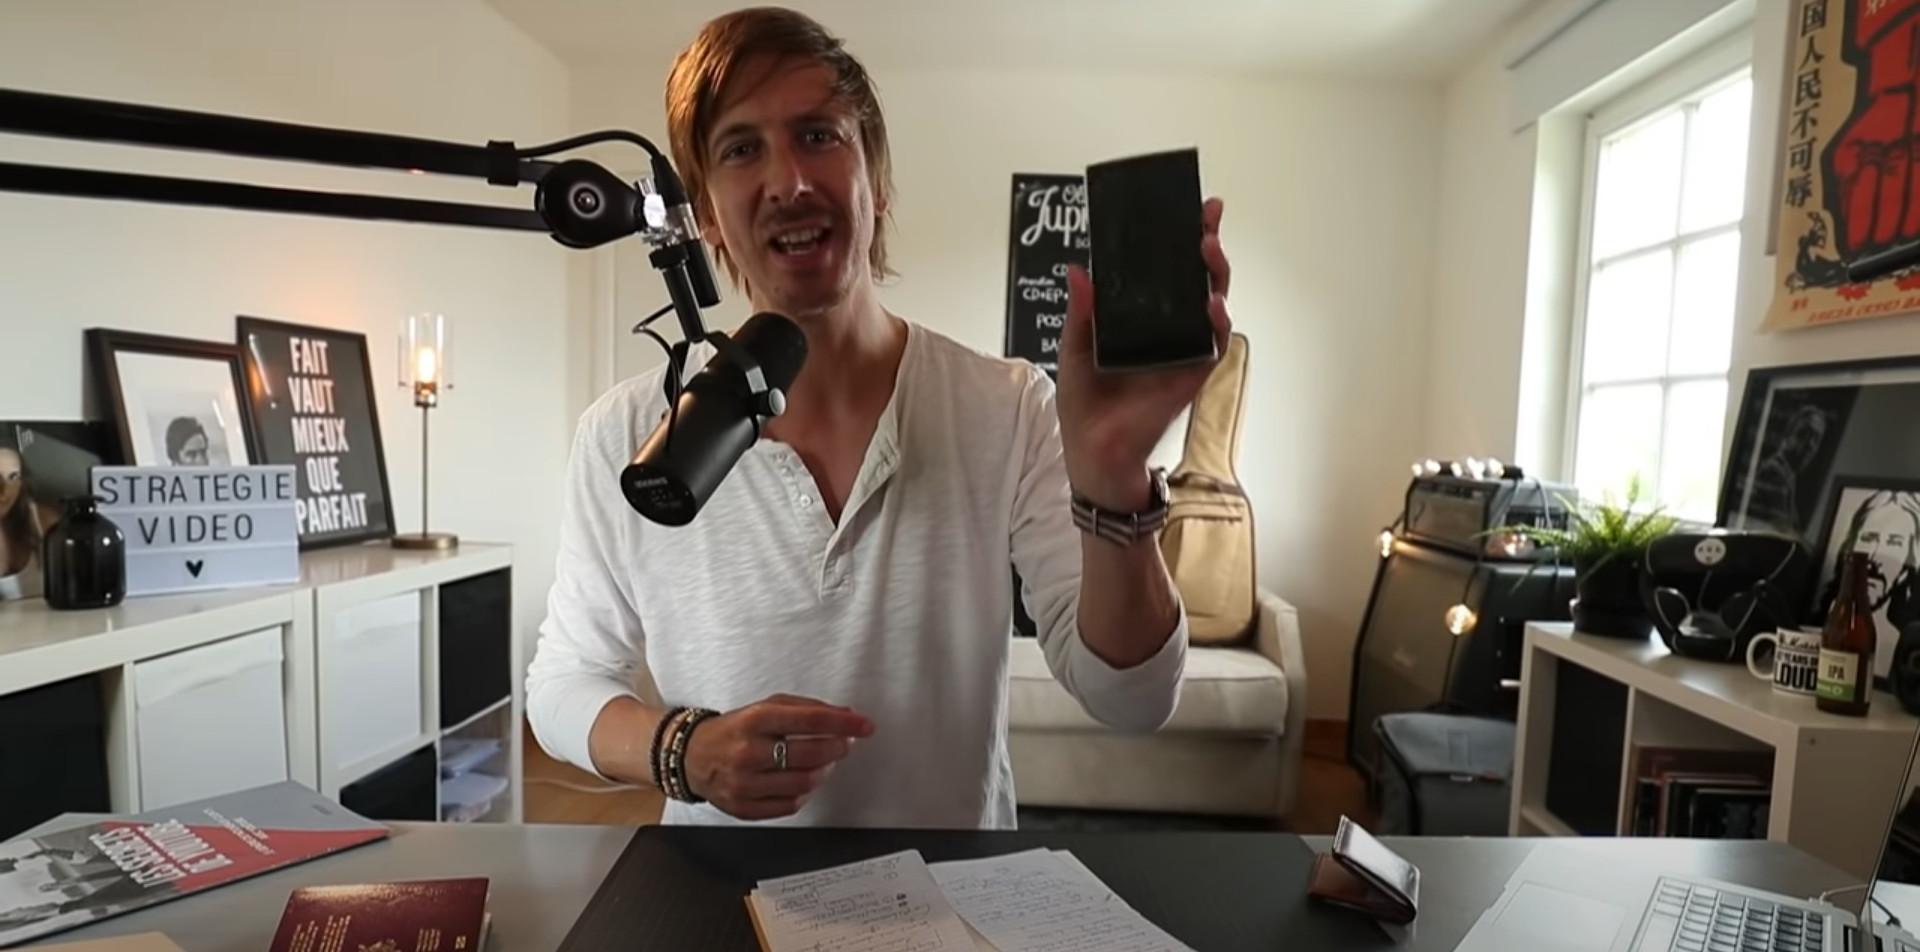 Comment faire des vidéos avec son téléphone de A à Z (guide du débutant)